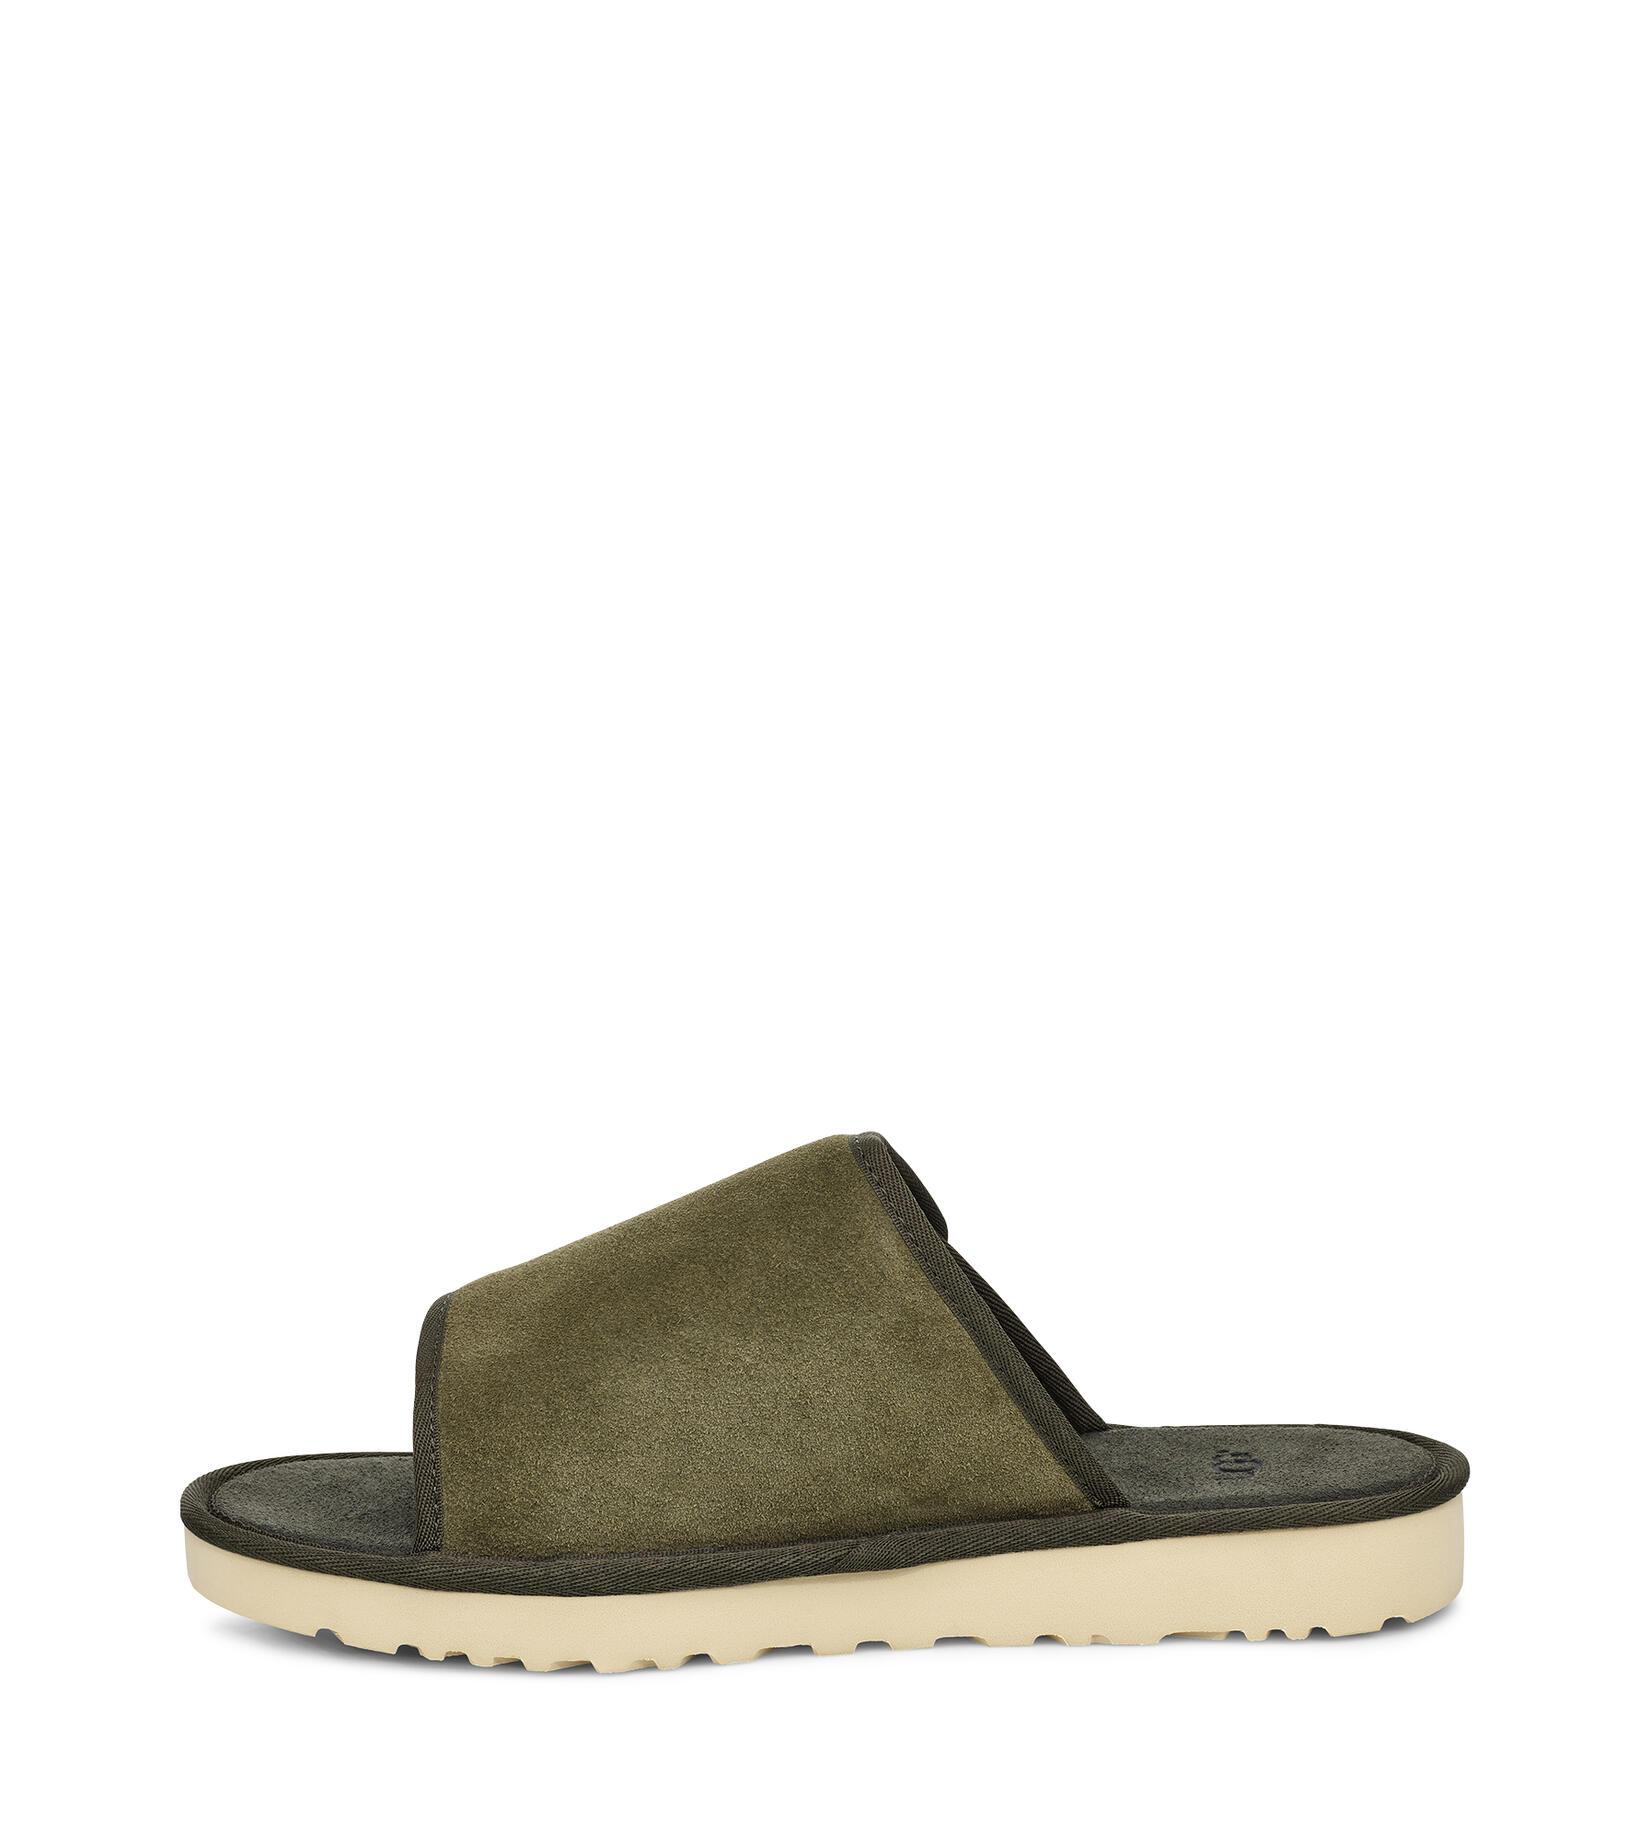 Dune Slide Sandal